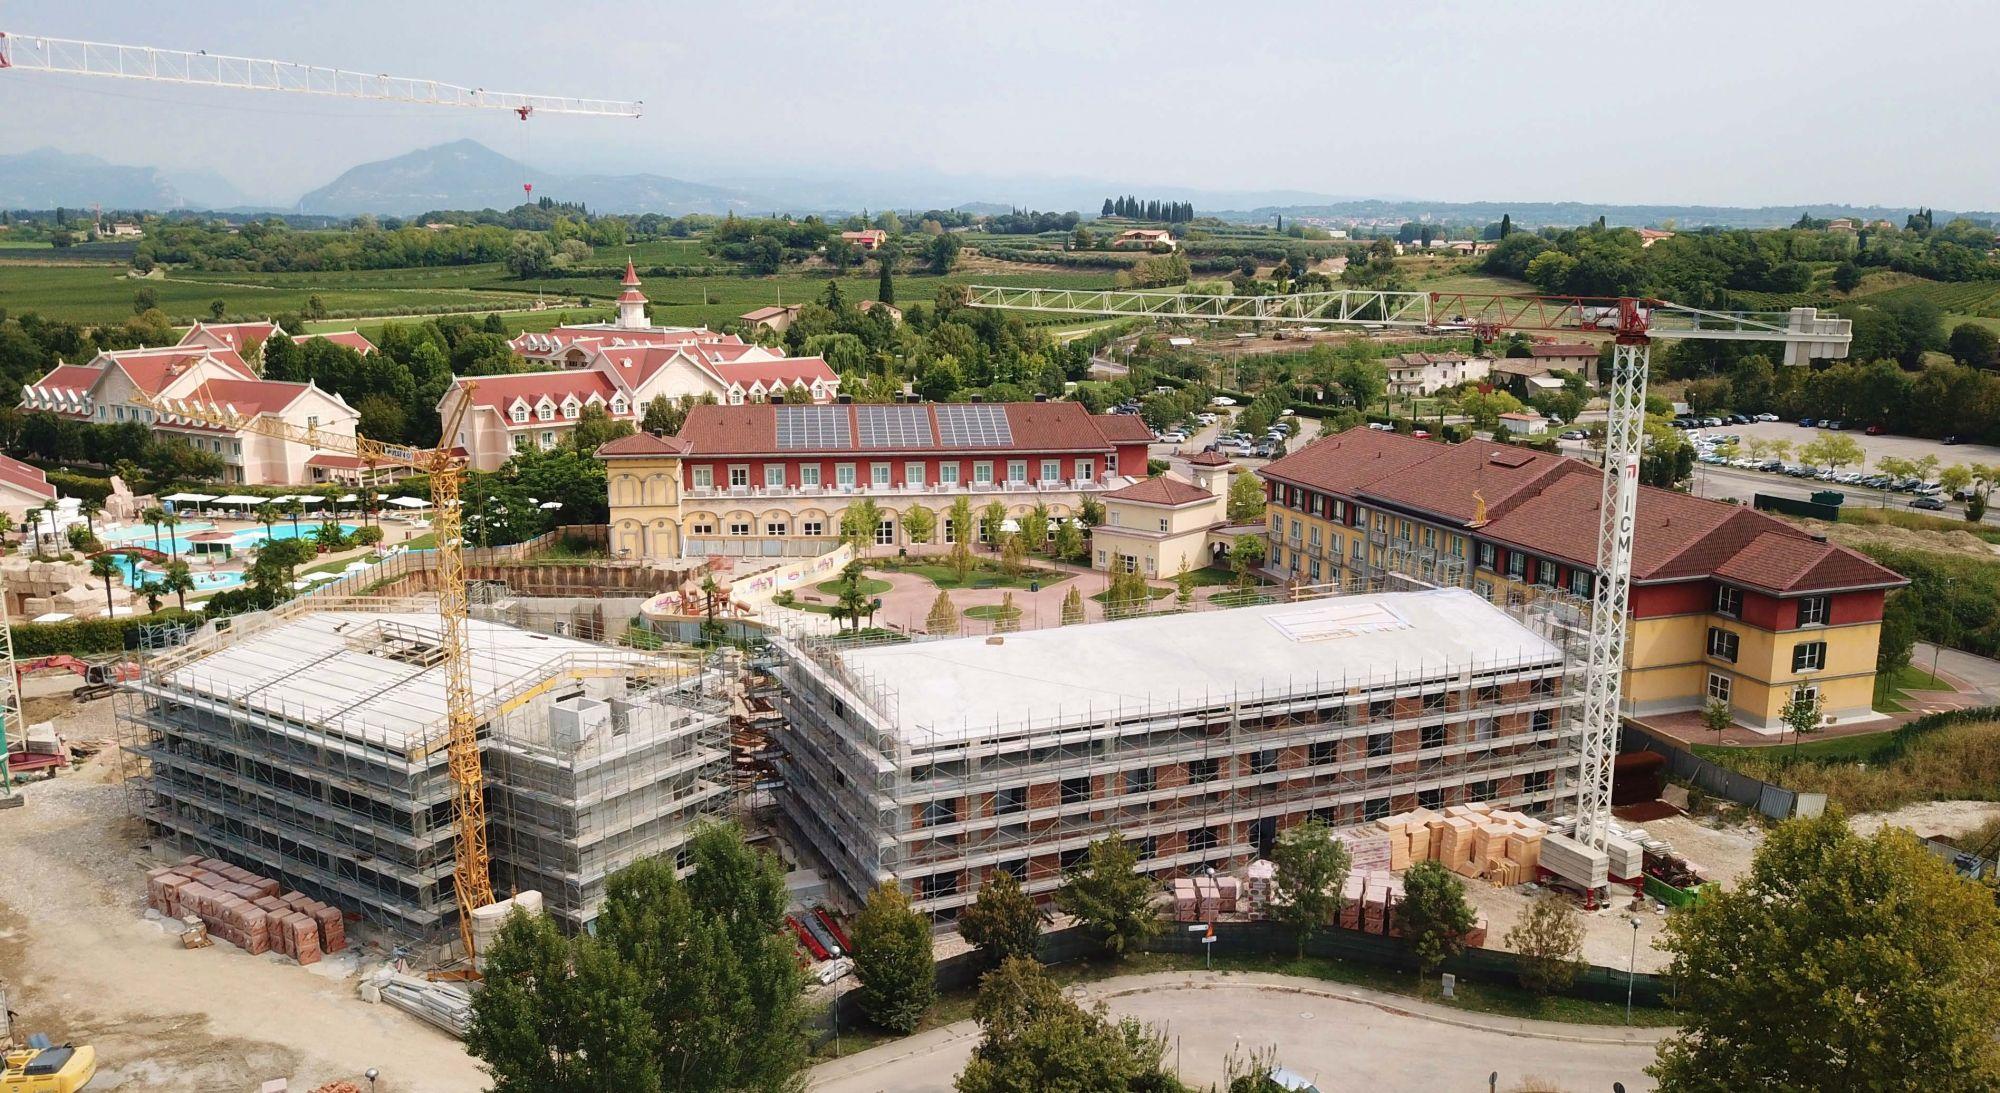 Gardaland Calendario 2020.Gardaland Investe 20 Milioni Per Il Terzo Hotel Apertura A